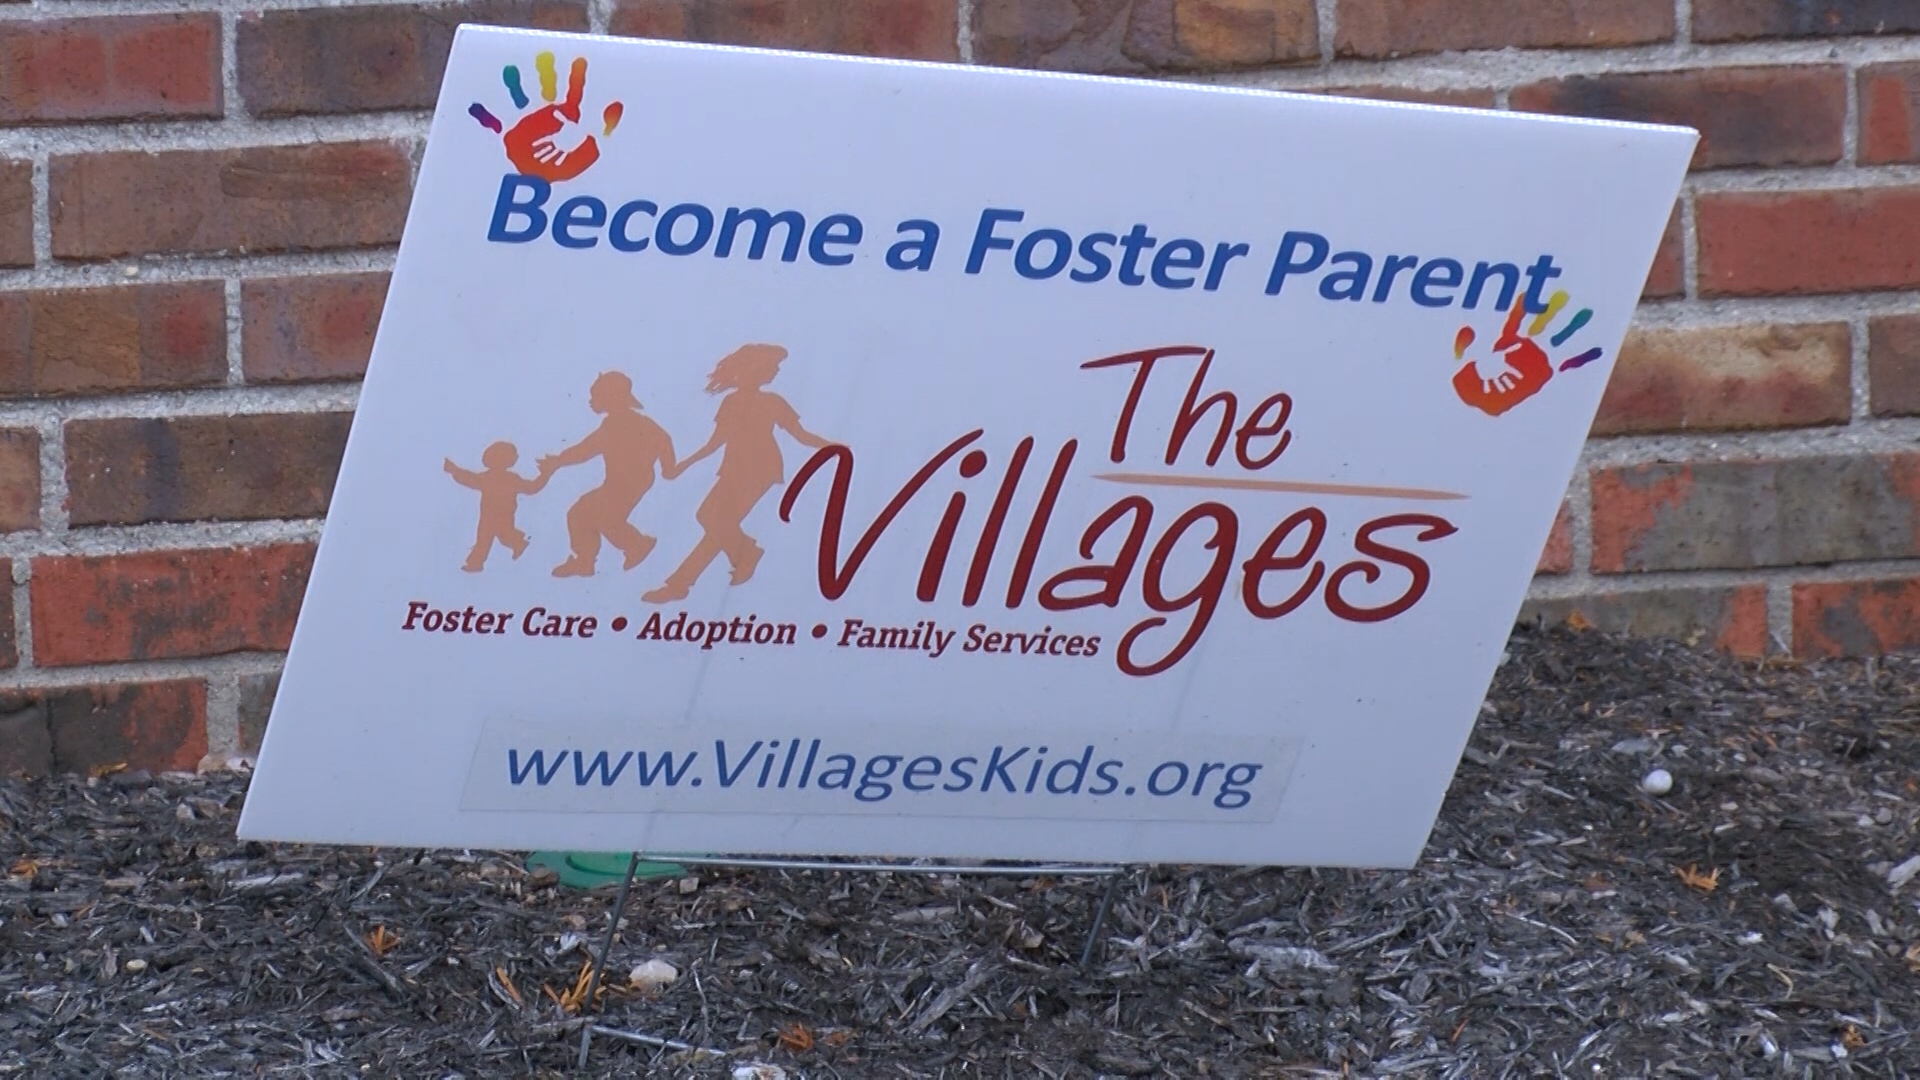 foster parent bill_1514154625538.jpg.jpg